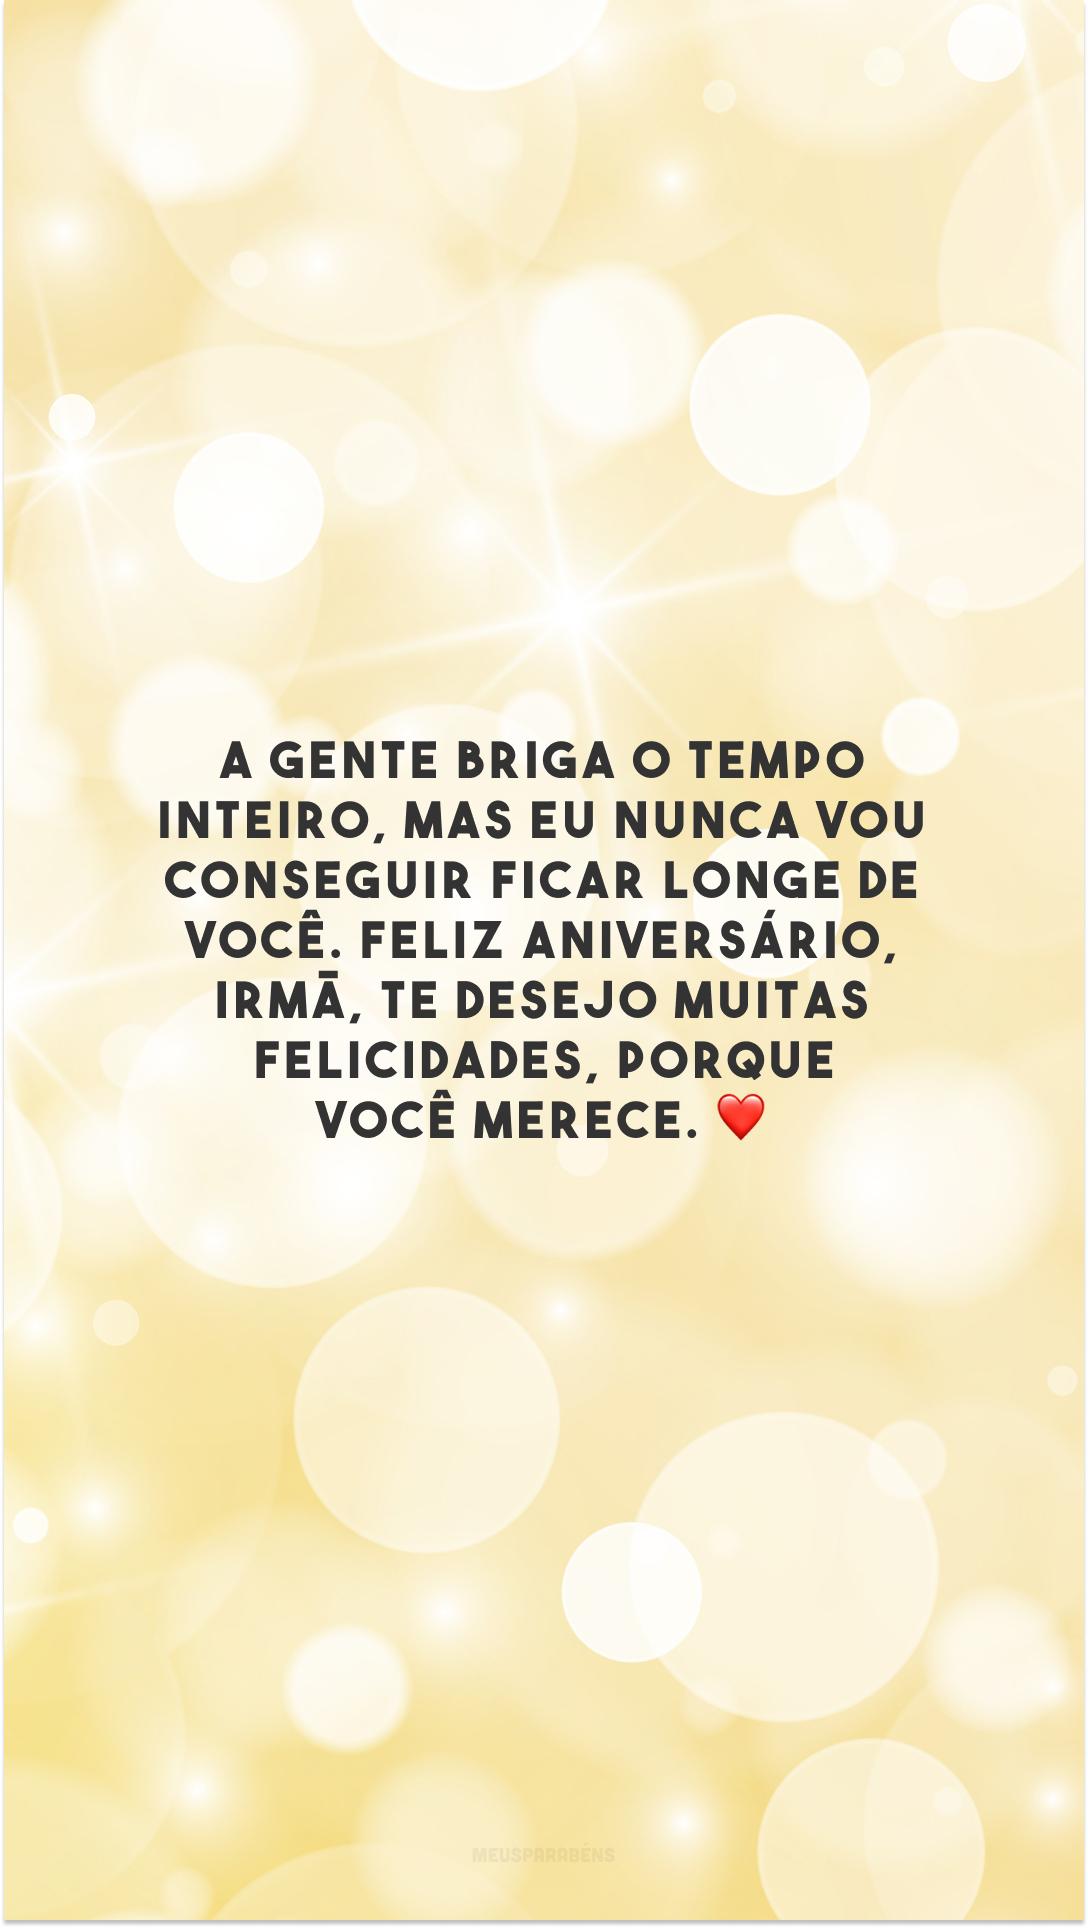 A gente briga o tempo inteiro, mas eu nunca vou conseguir ficar longe de você. Feliz aniversário, irmã, te desejo muitas felicidades, porque você merece. ❤️